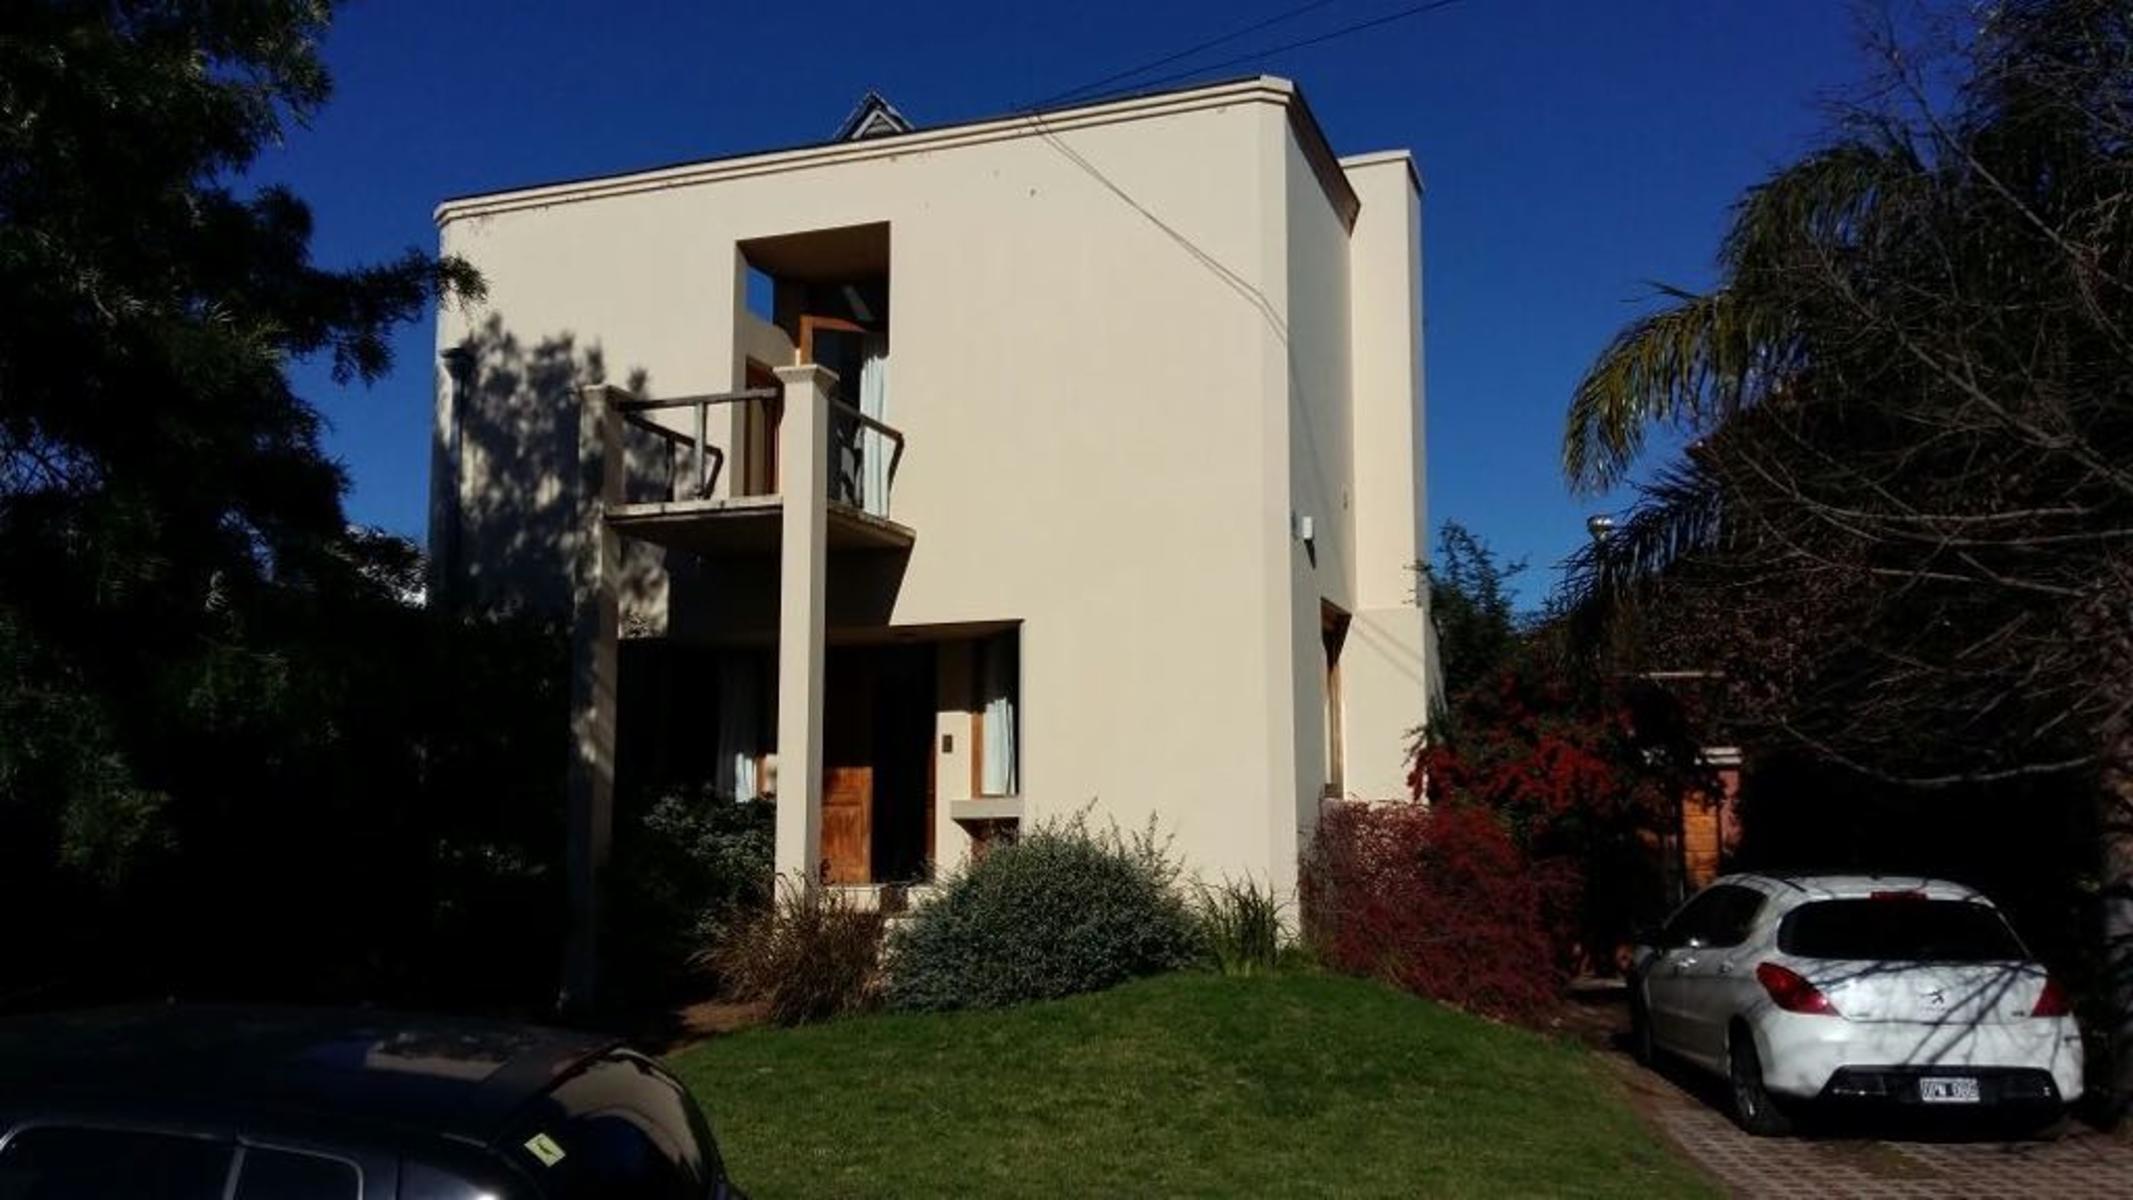 IMPECABLE CASA EN VILLA ELVINA, Guillermo Sanchez Desarrollos Inmobiliarios